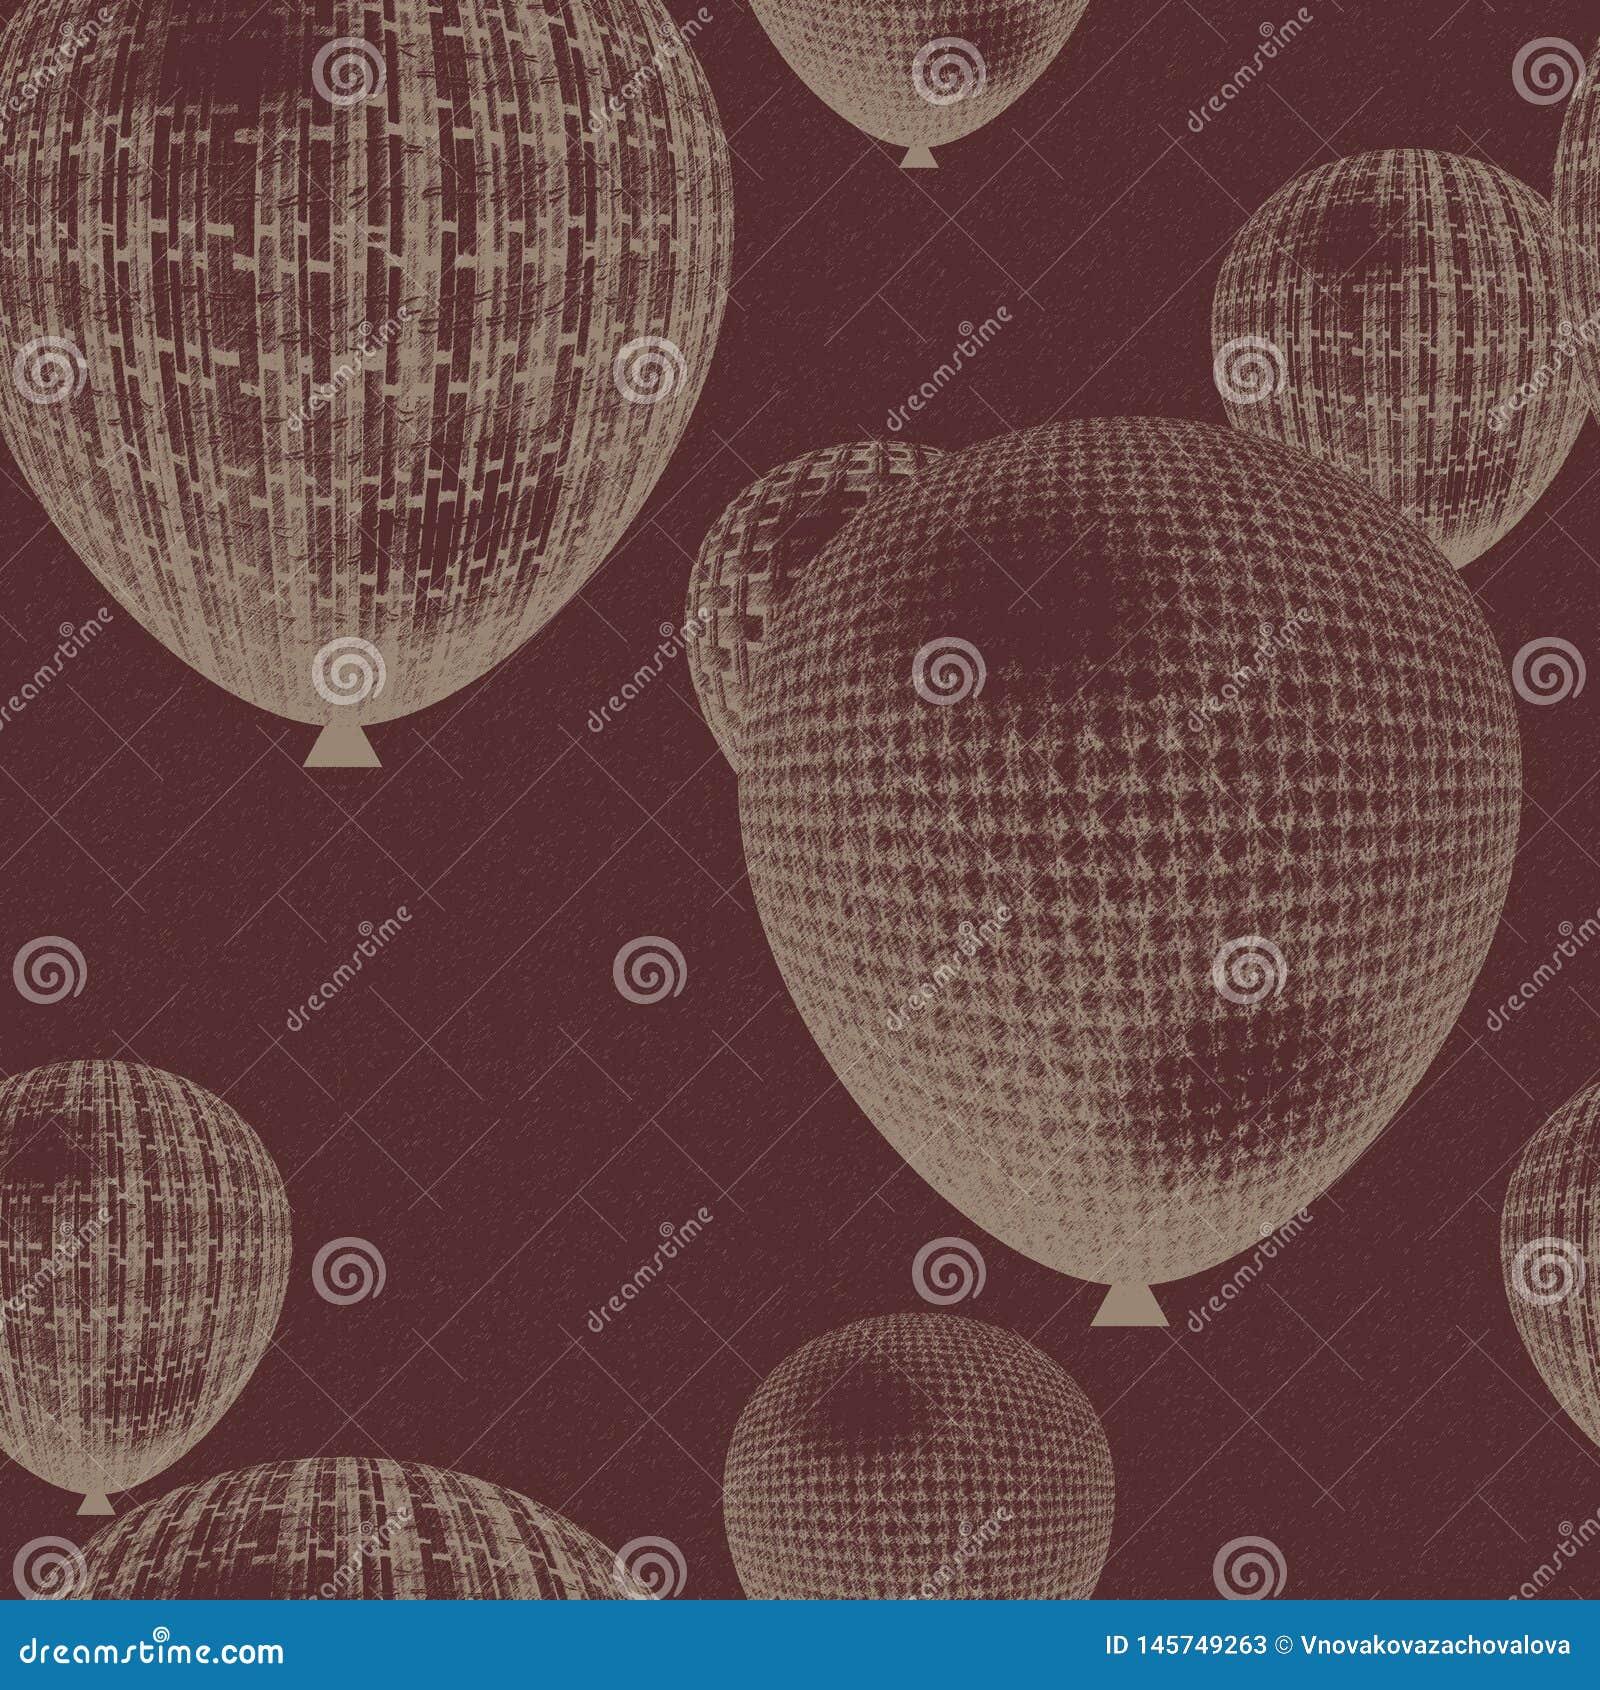 Seamless bakgrundsballong